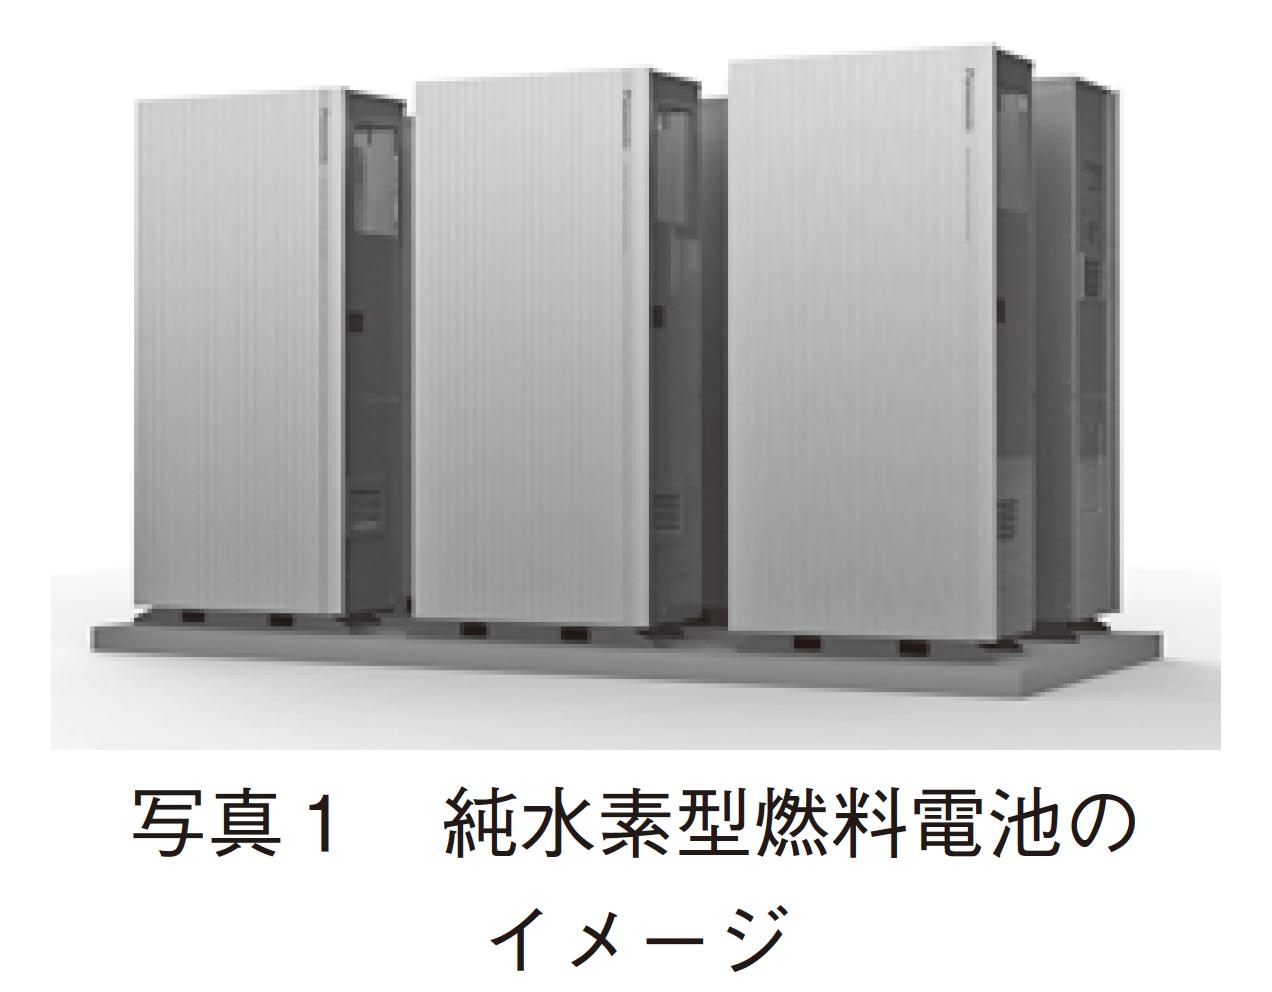 パナソニック(株) 純水素型燃料電池、太陽電池、蓄電池でRE100化の画像